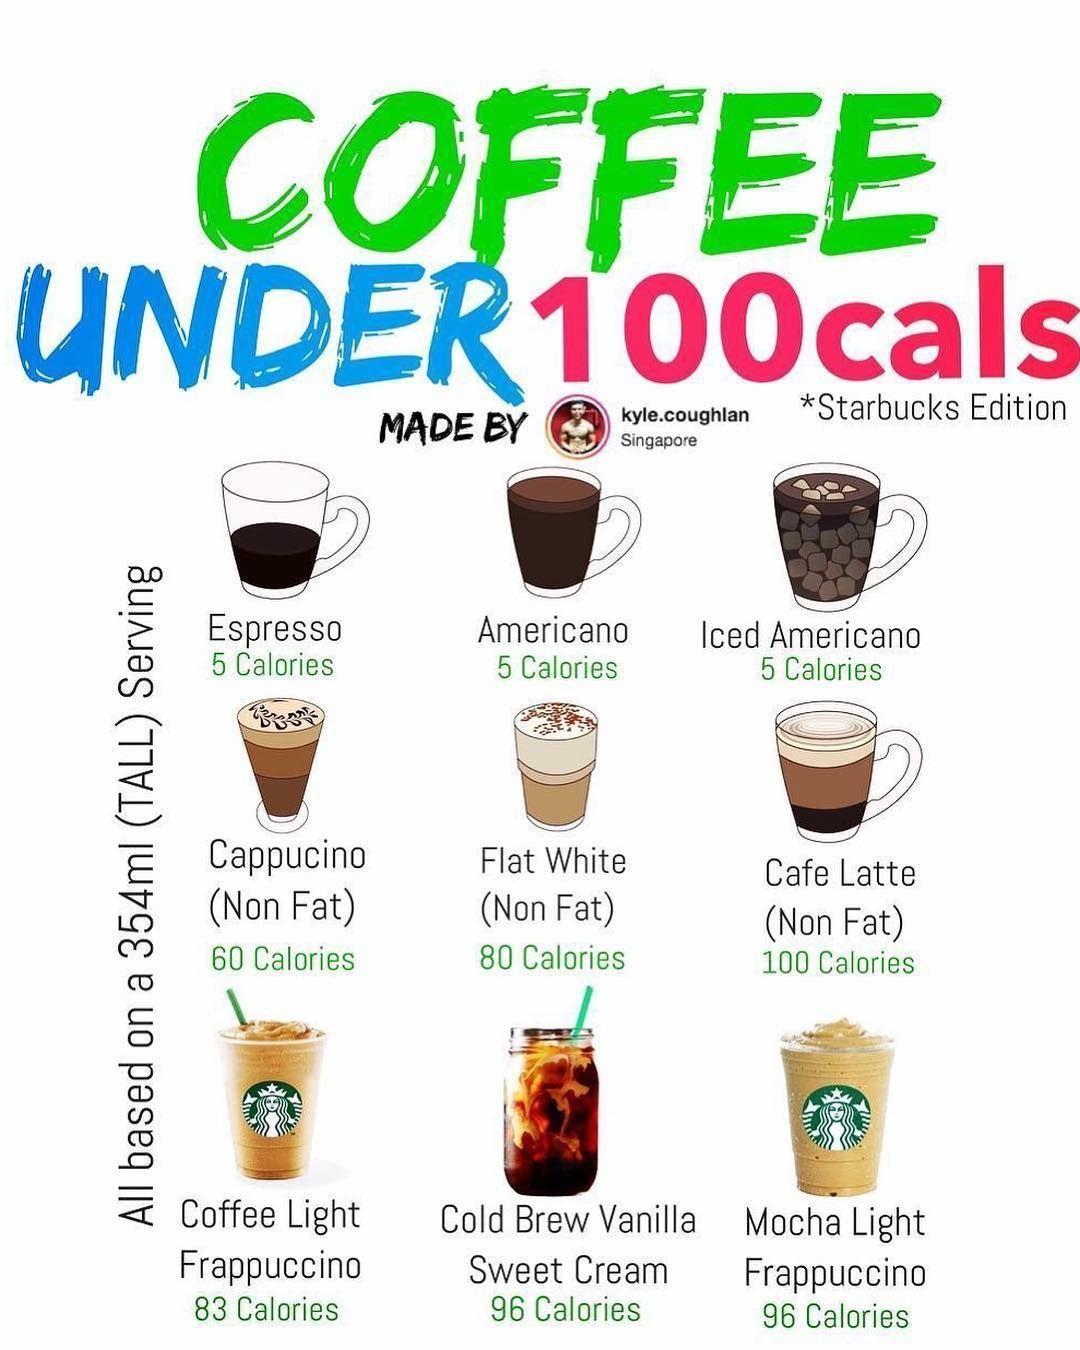 Coffee CoffeeArt CoffeeLovers DrinkRecipes LatteArt